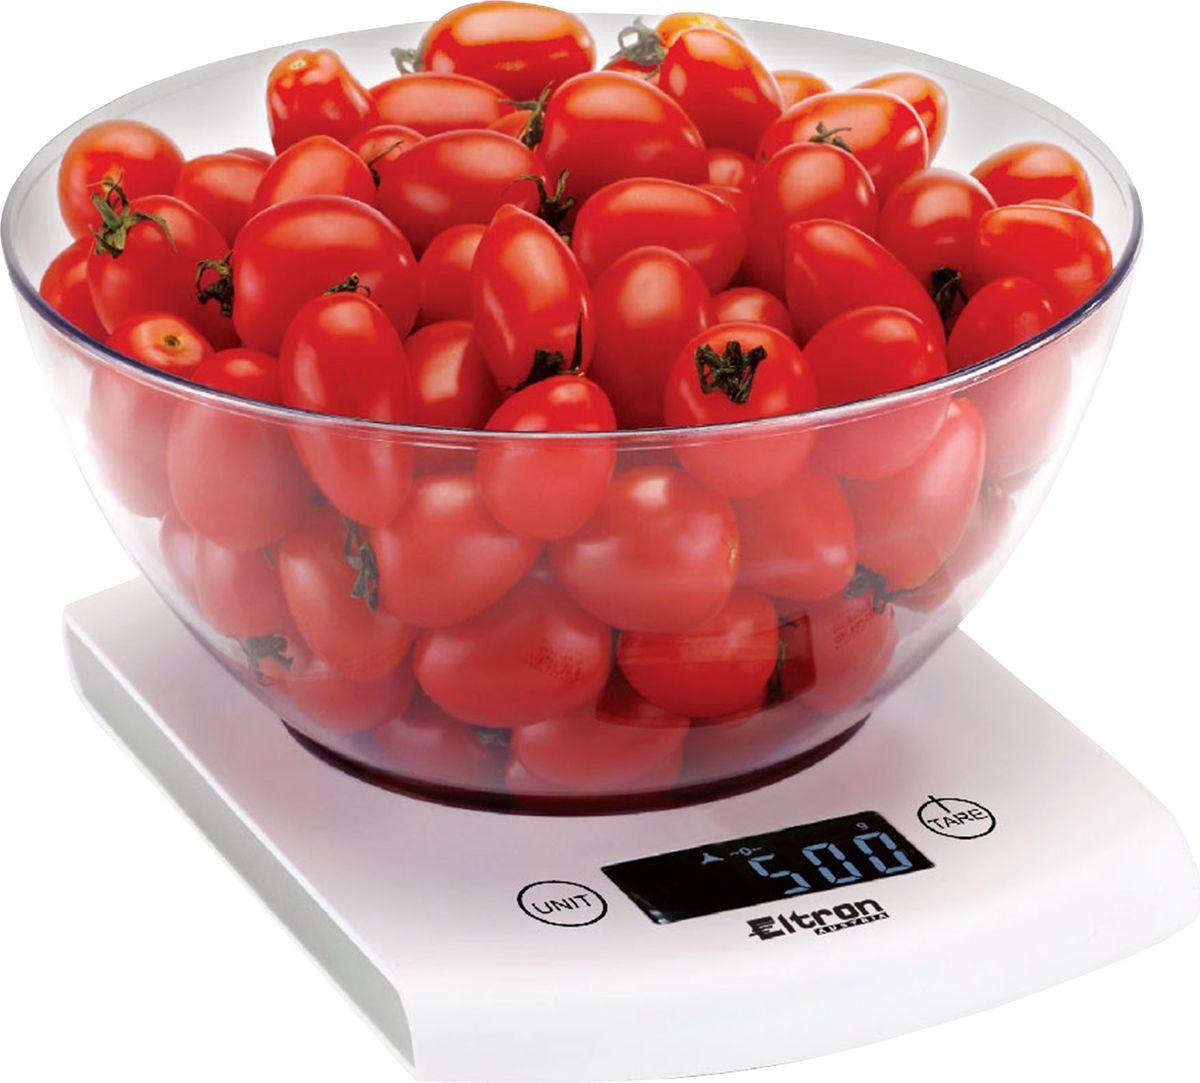 Весы кухонные Eltron, электронные, цвет: белый, до 5 кг. 9262EL9262ELЭлектронные кухонные весы. Современный дизайн. Двухкнопочный механизм. ЖК-дисплей. Съемная прозрачная чаша. Максимальный вес - 5 кг. Показывает вес в унциях, фунтах, гр, мл.2х1,5В ААА батарея входит в комплект.